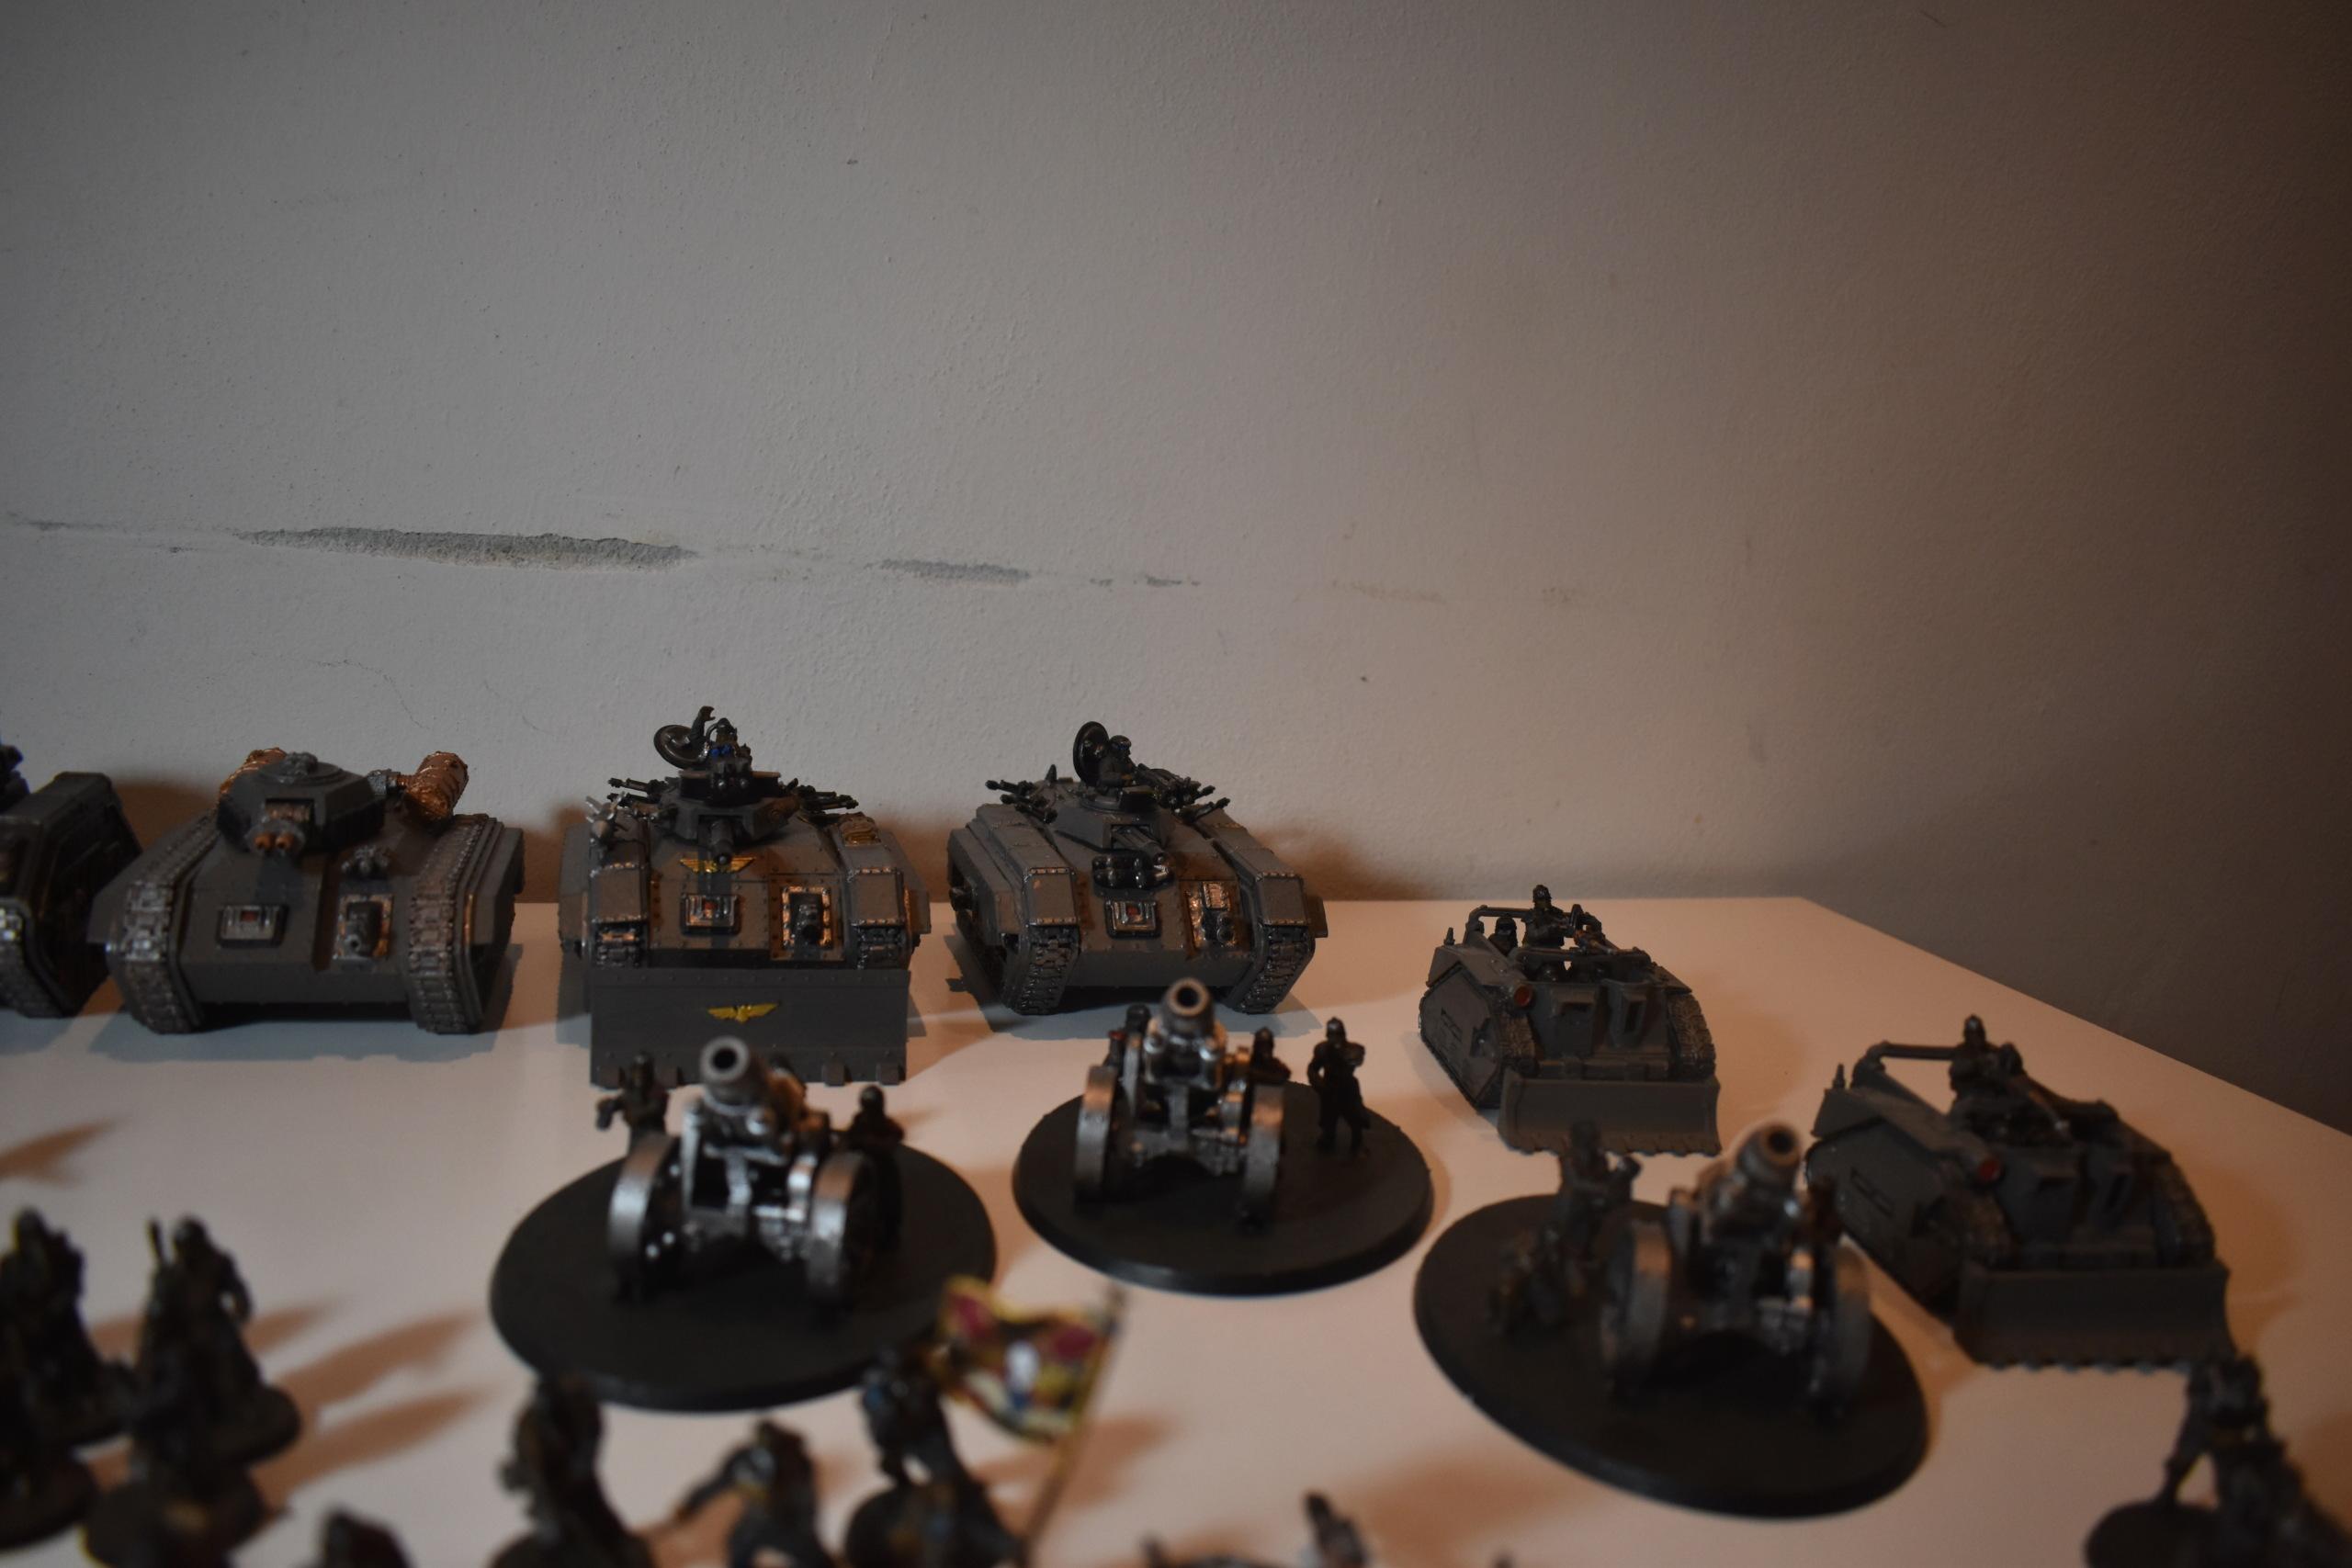 Les Armées de Nico. (Battle, 40K & HH) - Page 6 Dsc_0239